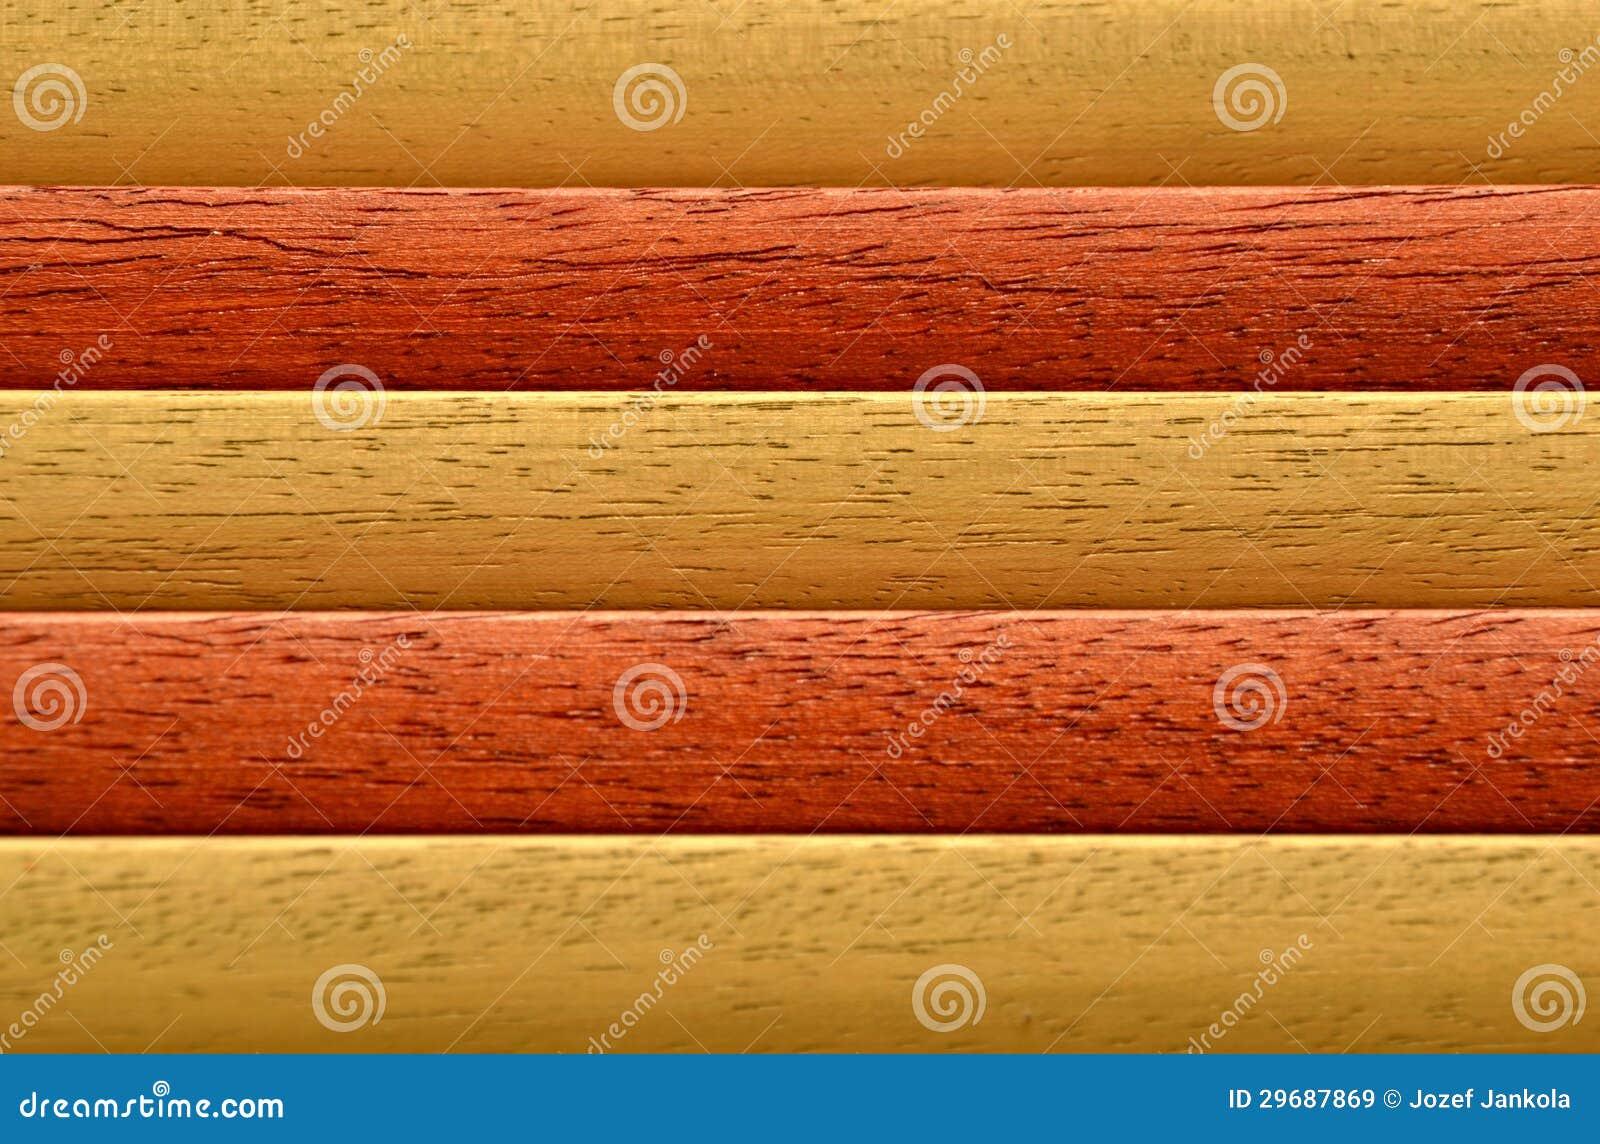 Listones de madera im genes de archivo libres de regal as - Listones de madera baratos ...